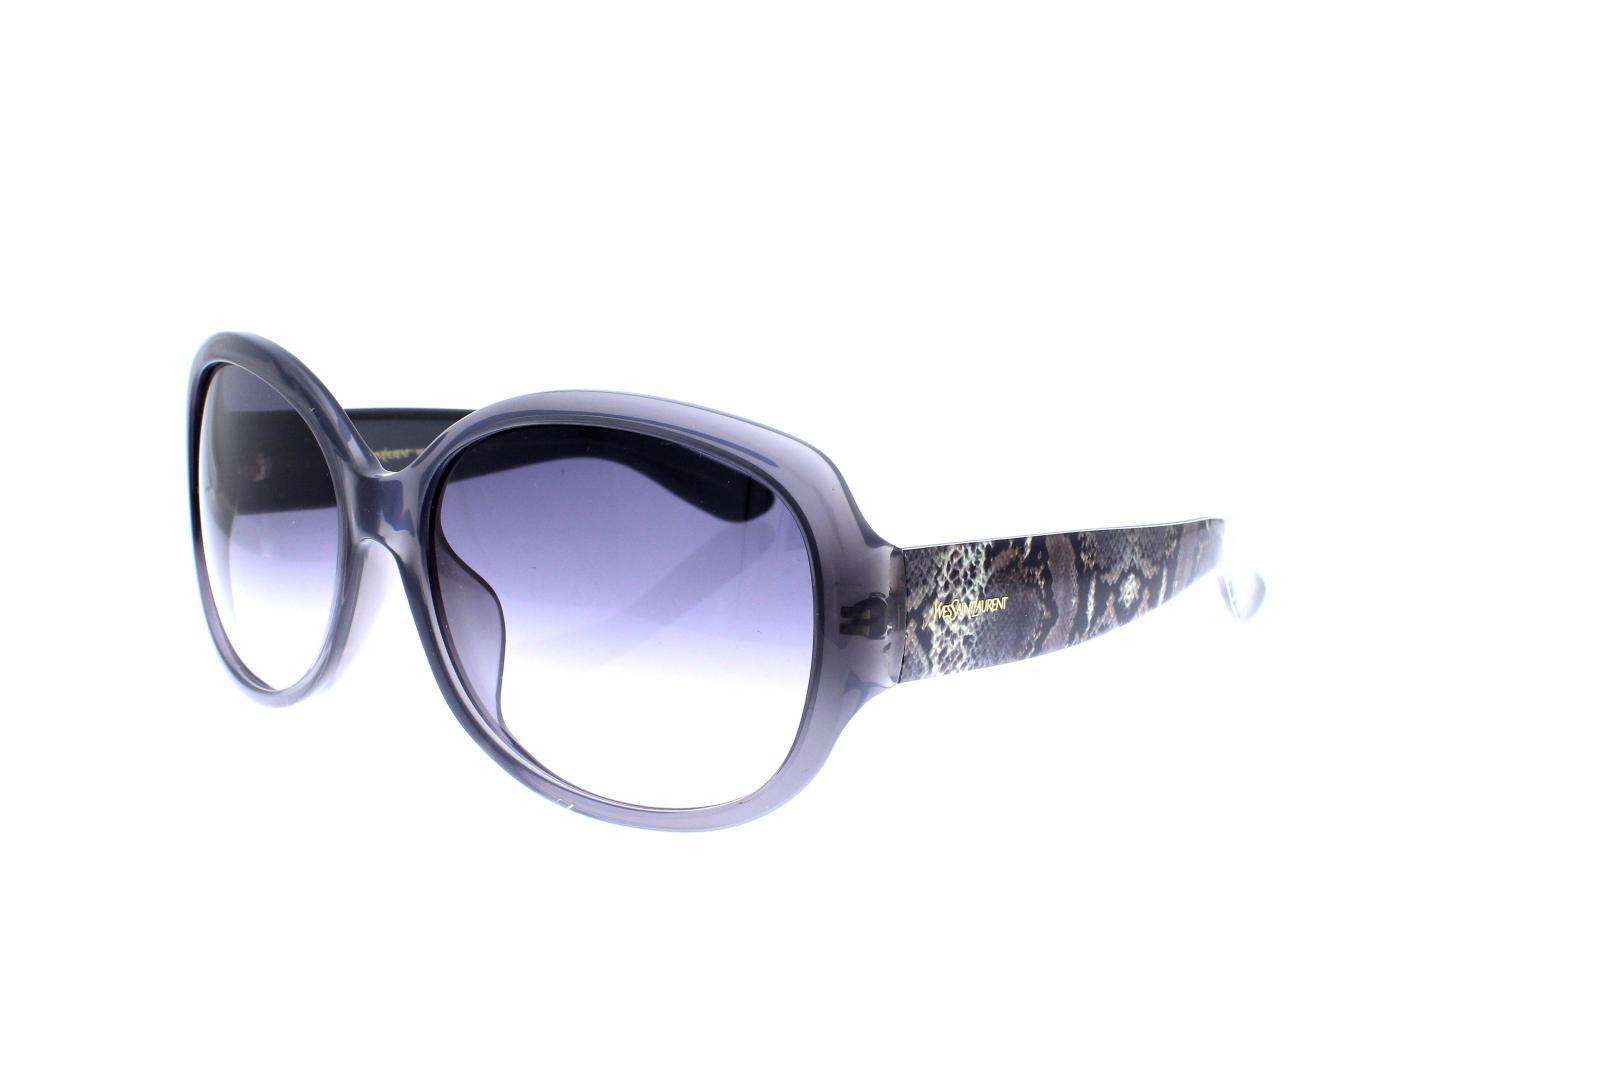 lunettes de soleil yves saint laurent ysl 6355 f s yya9c 59 pas cher optical discount. Black Bedroom Furniture Sets. Home Design Ideas